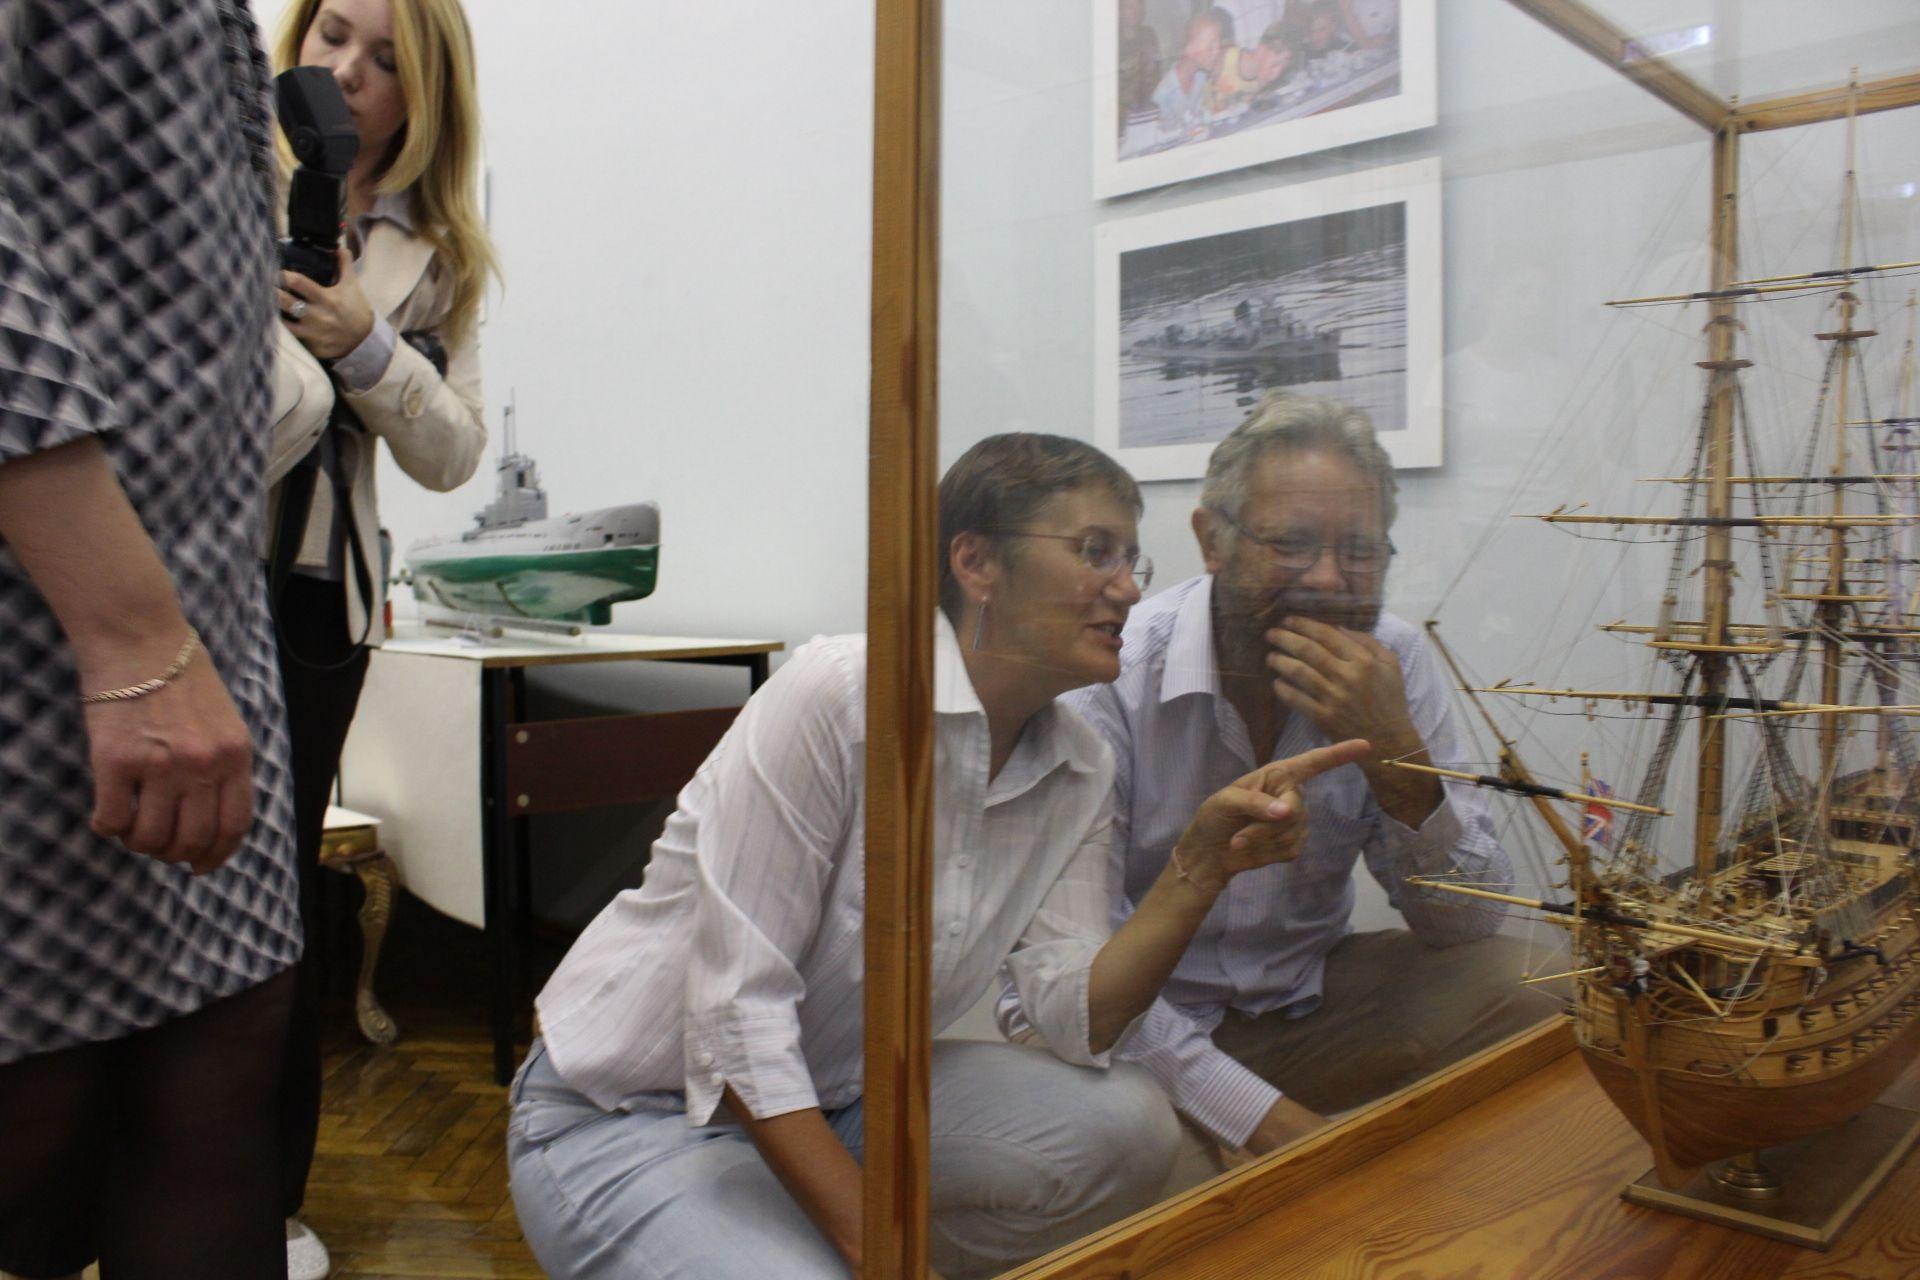 «Архитектура кораблей». В ЮУрГУ открылась выставка профессора Геннадия Михайлова